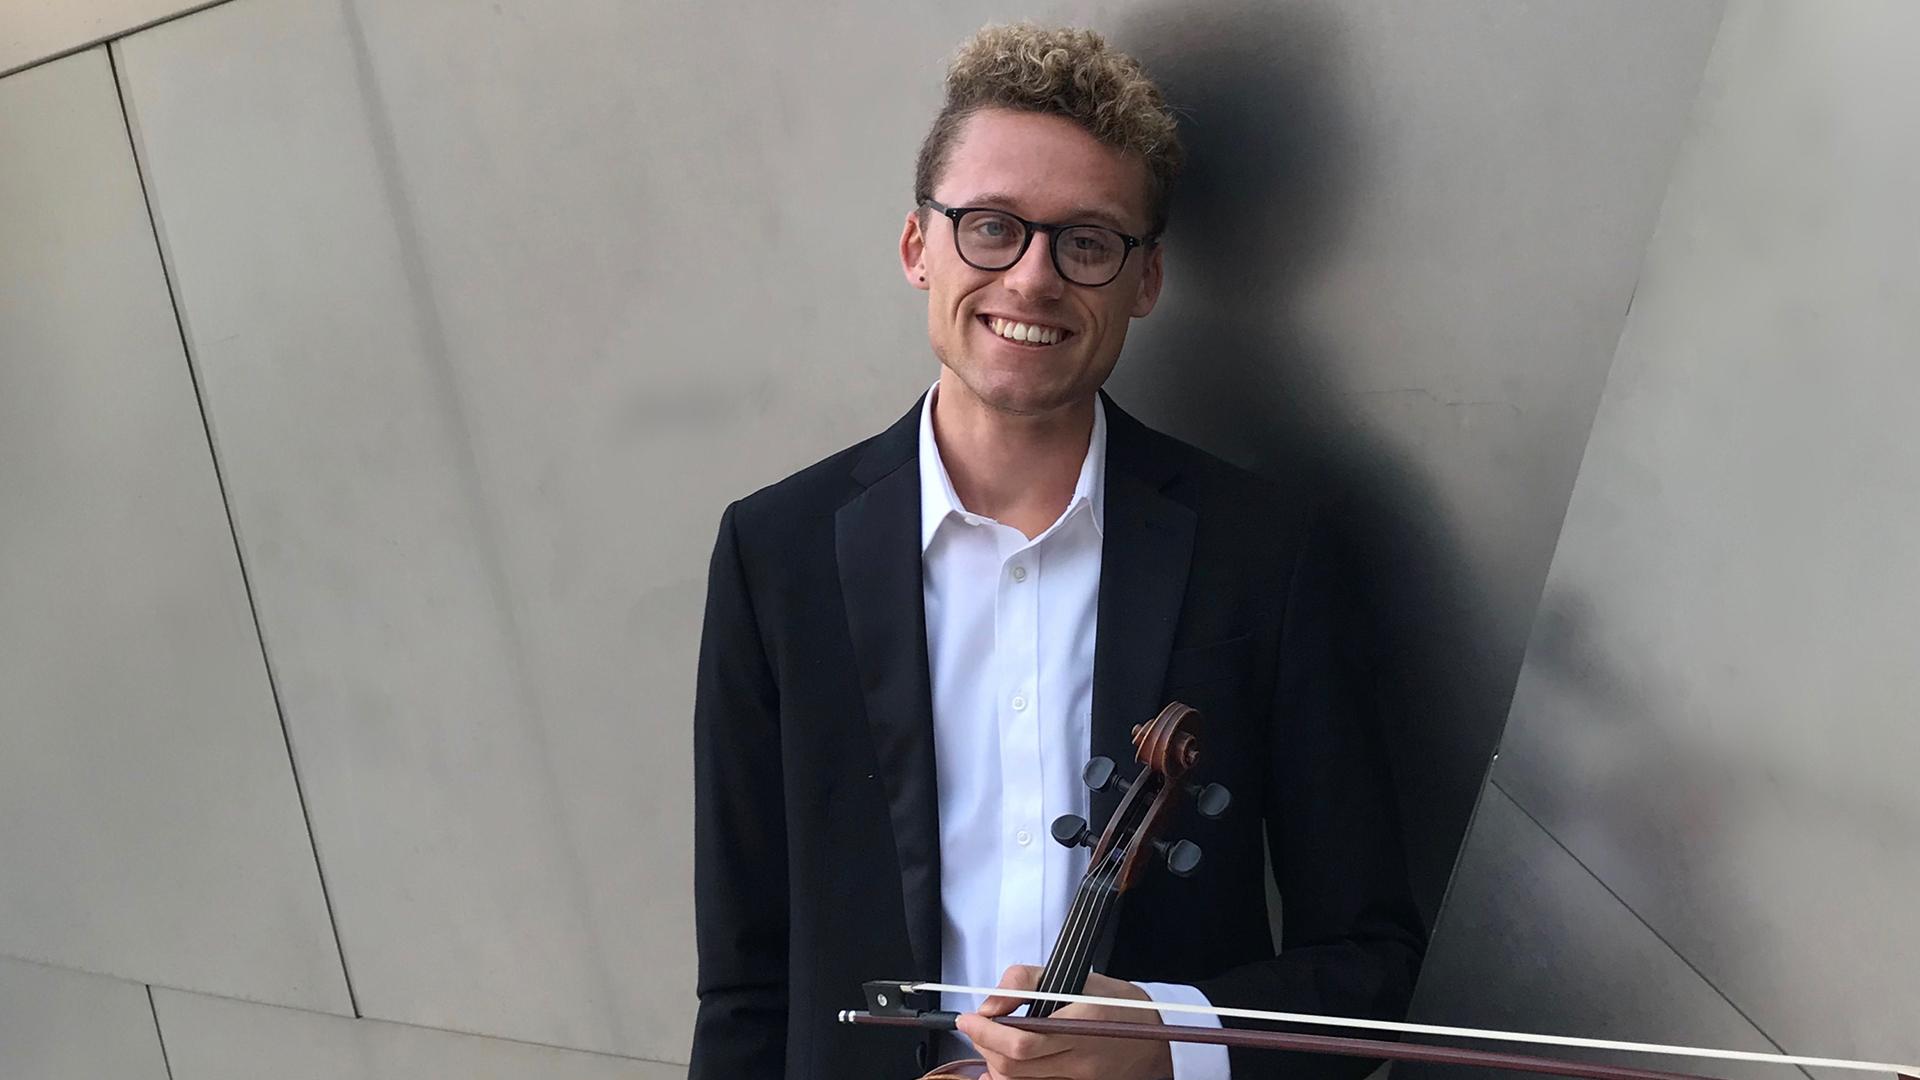 Portrait of Cameron Audras